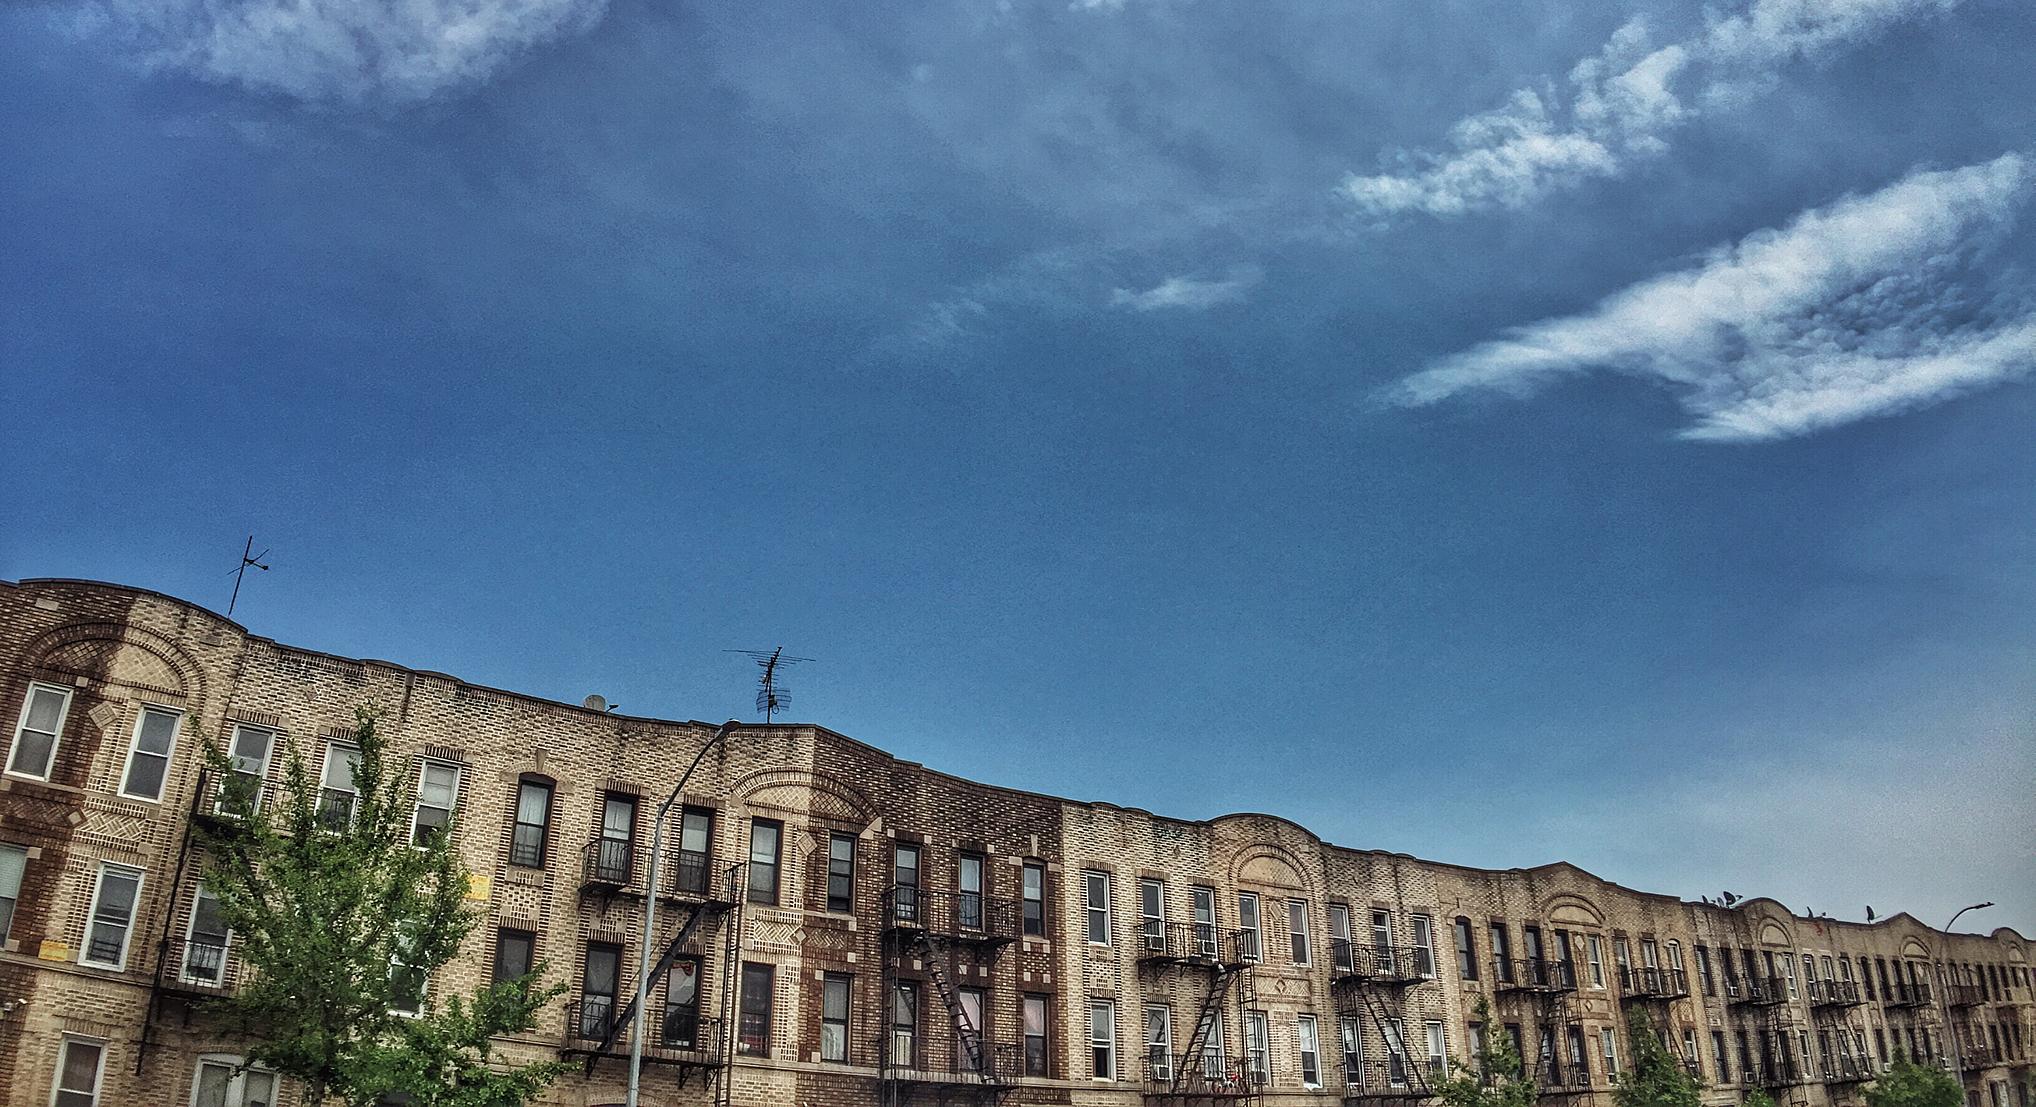 Midwood, Brooklyn